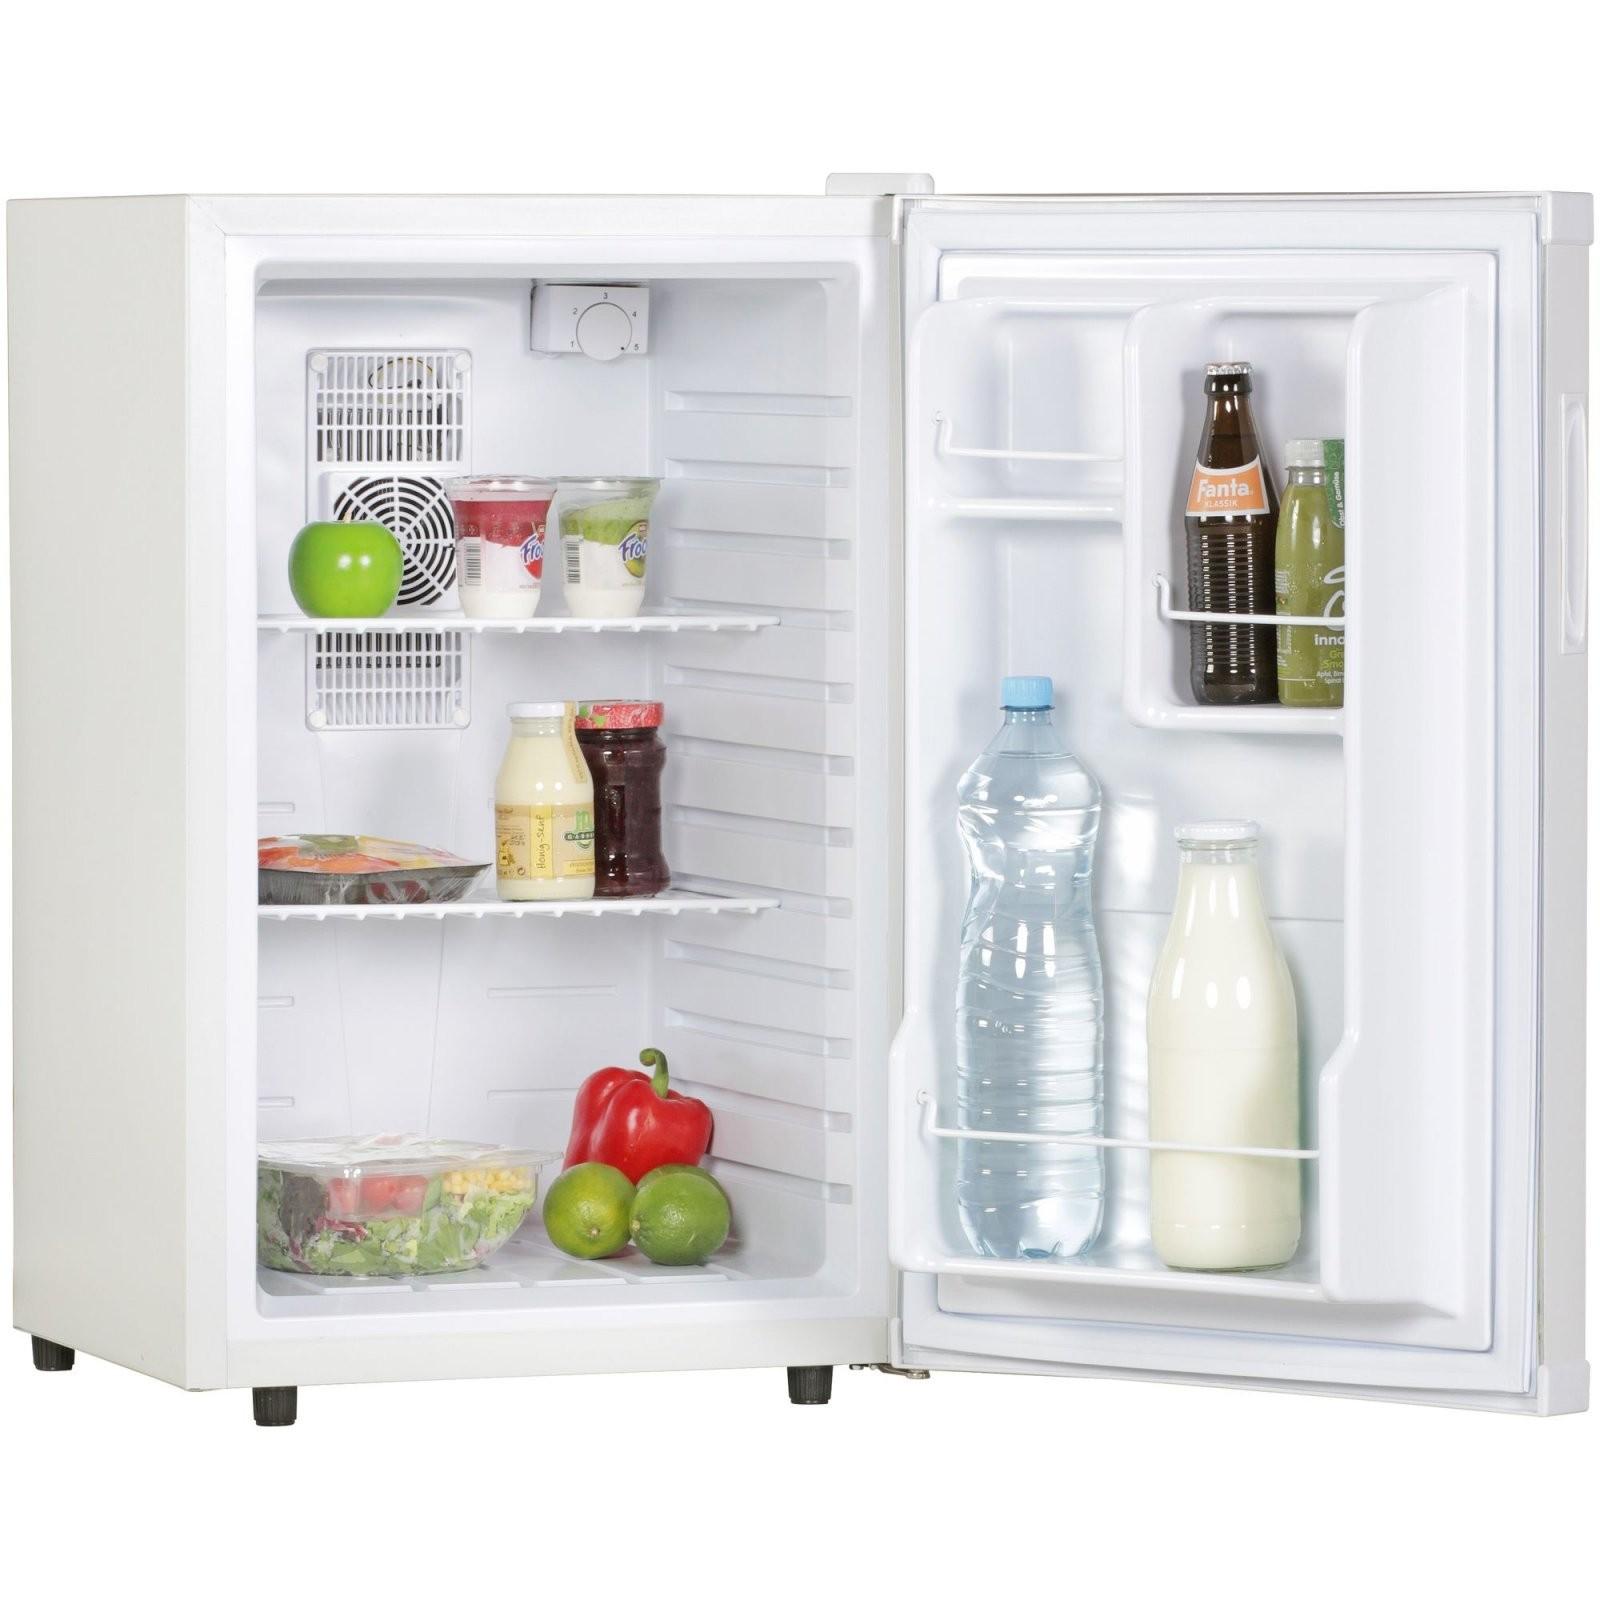 Amstyle Mini Kühlschrank 65 Liter Kleiner Kühlschrank Weiß 46X74X52 von Kühlschrank Ohne Gefrierfach Freistehend Bild